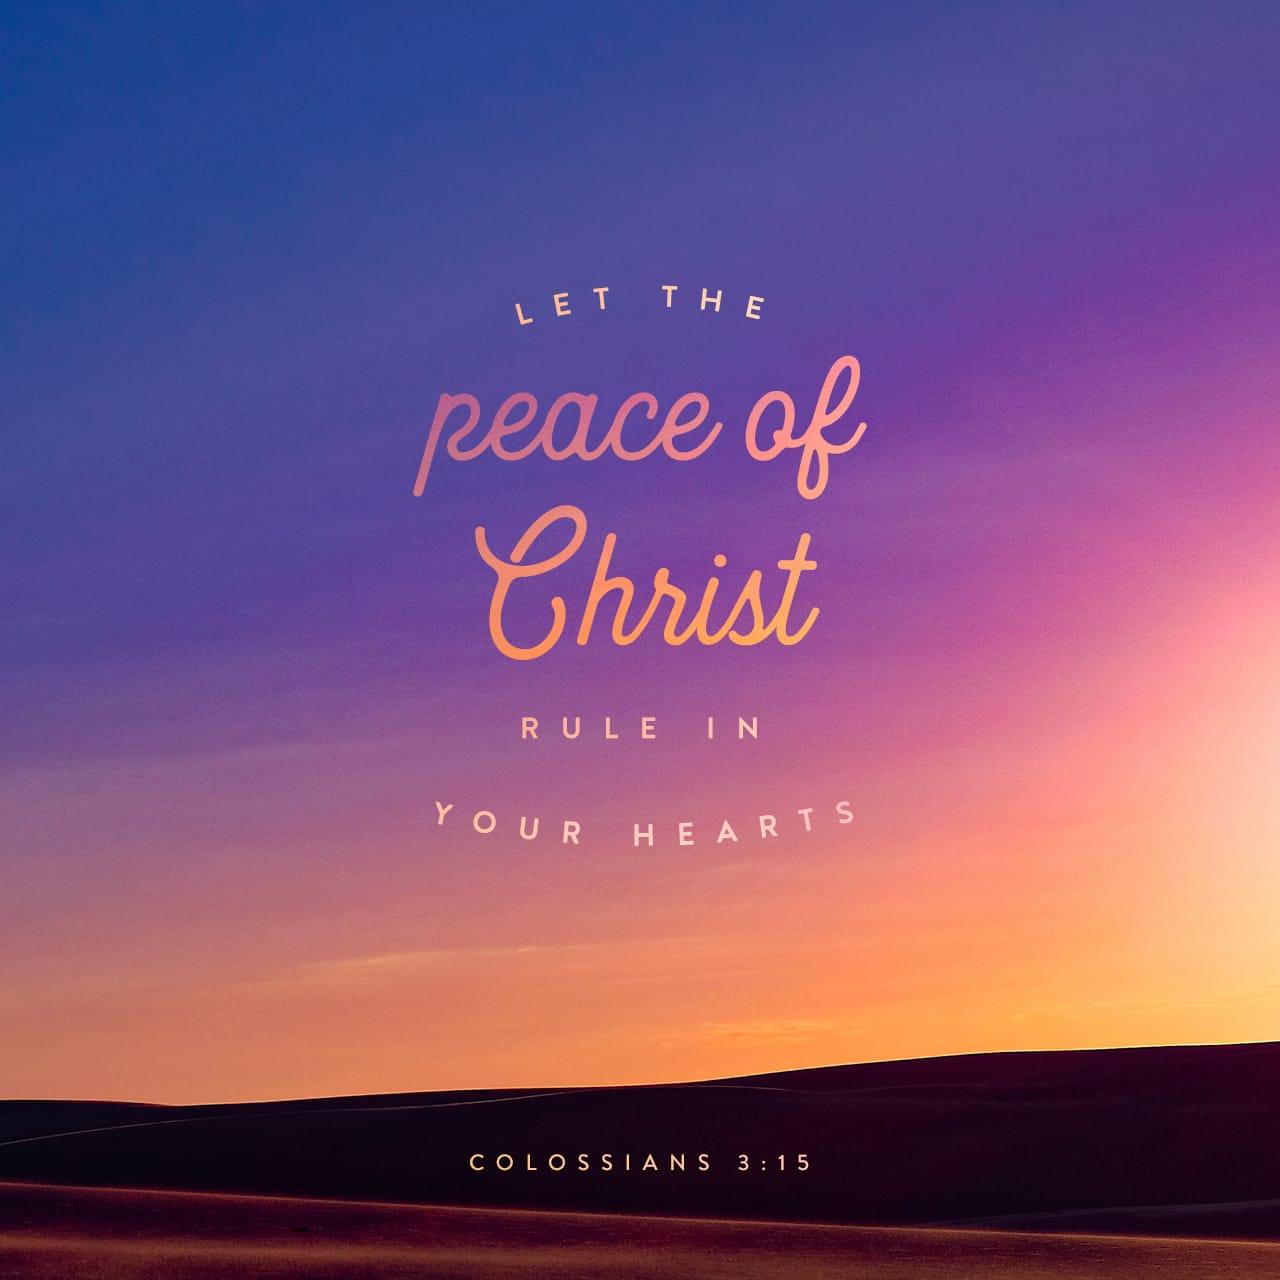 Colossians 3:15